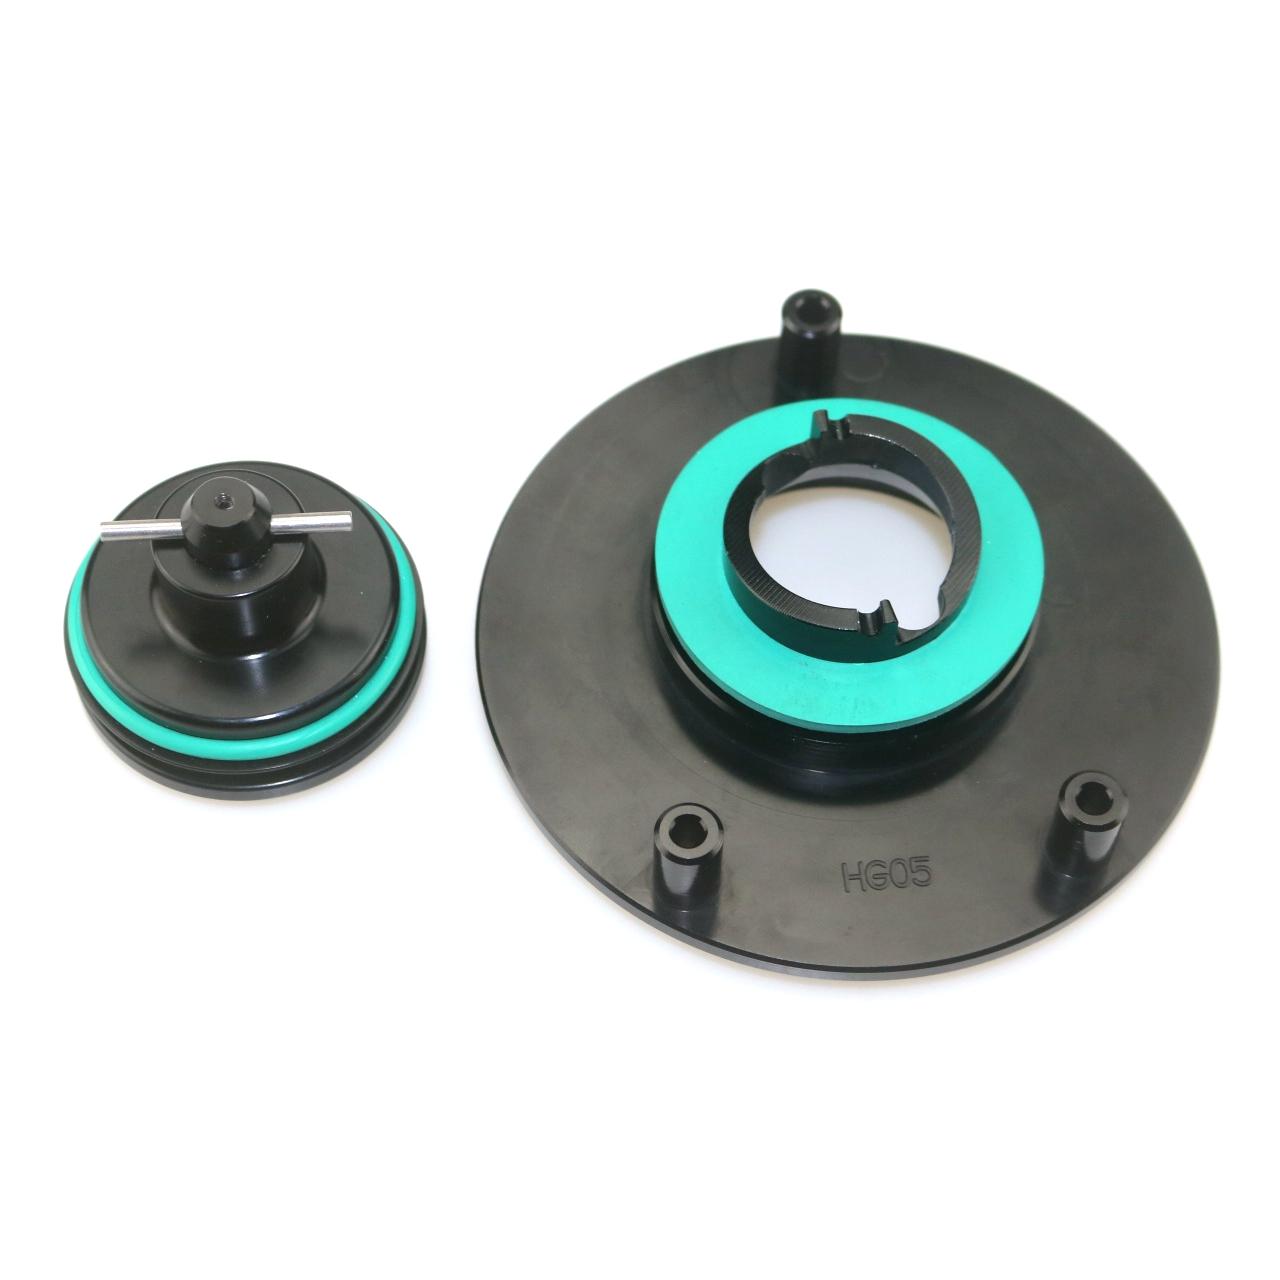 For HONDA CBR600RR CBR900RR CBR1000RR CB1000R CB600F CB600 Hornet Motorcycle  CNC Aluminum alloy Fuel Tank Caps